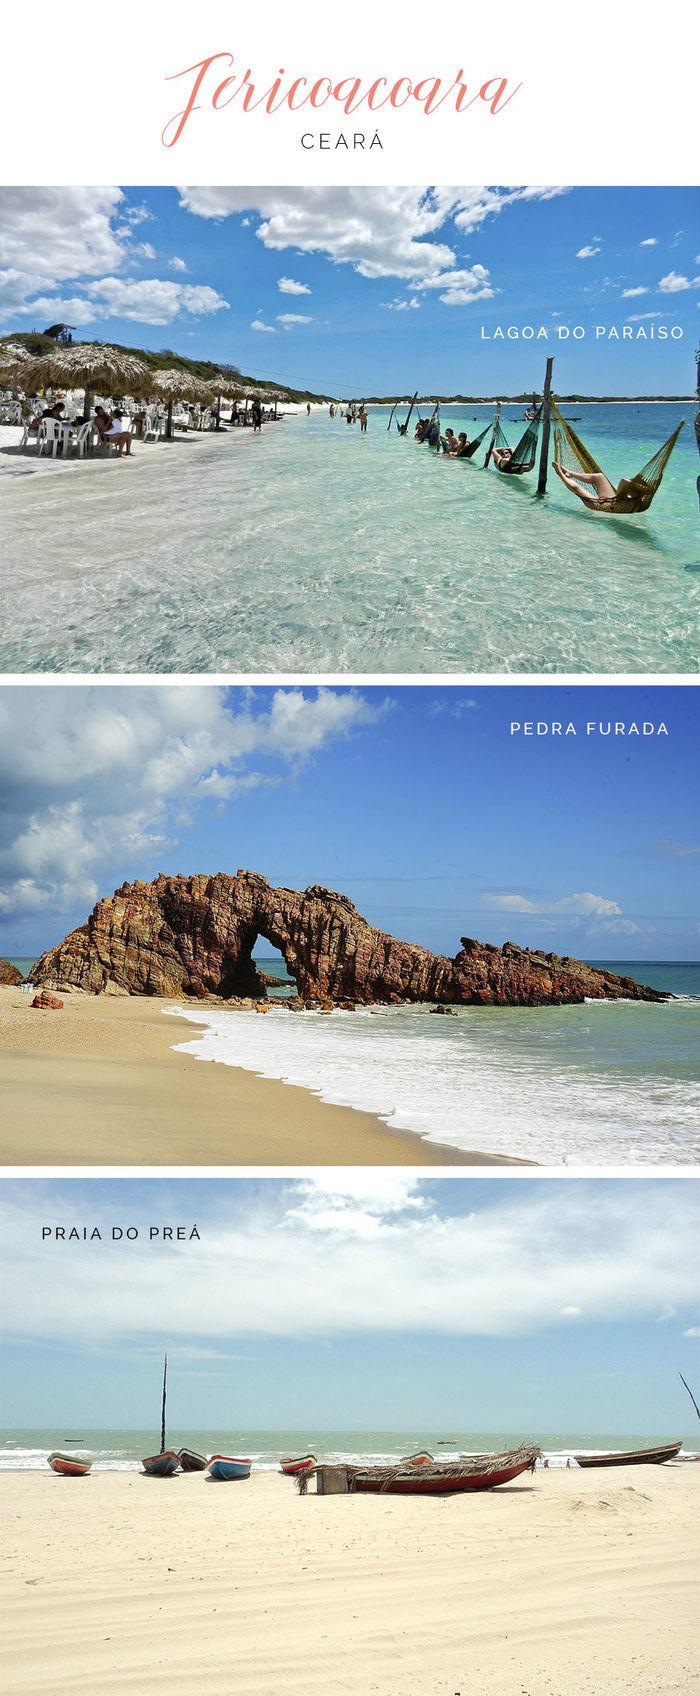 Destinos de praia em alta para o verão - Jericoacoara - Ceará